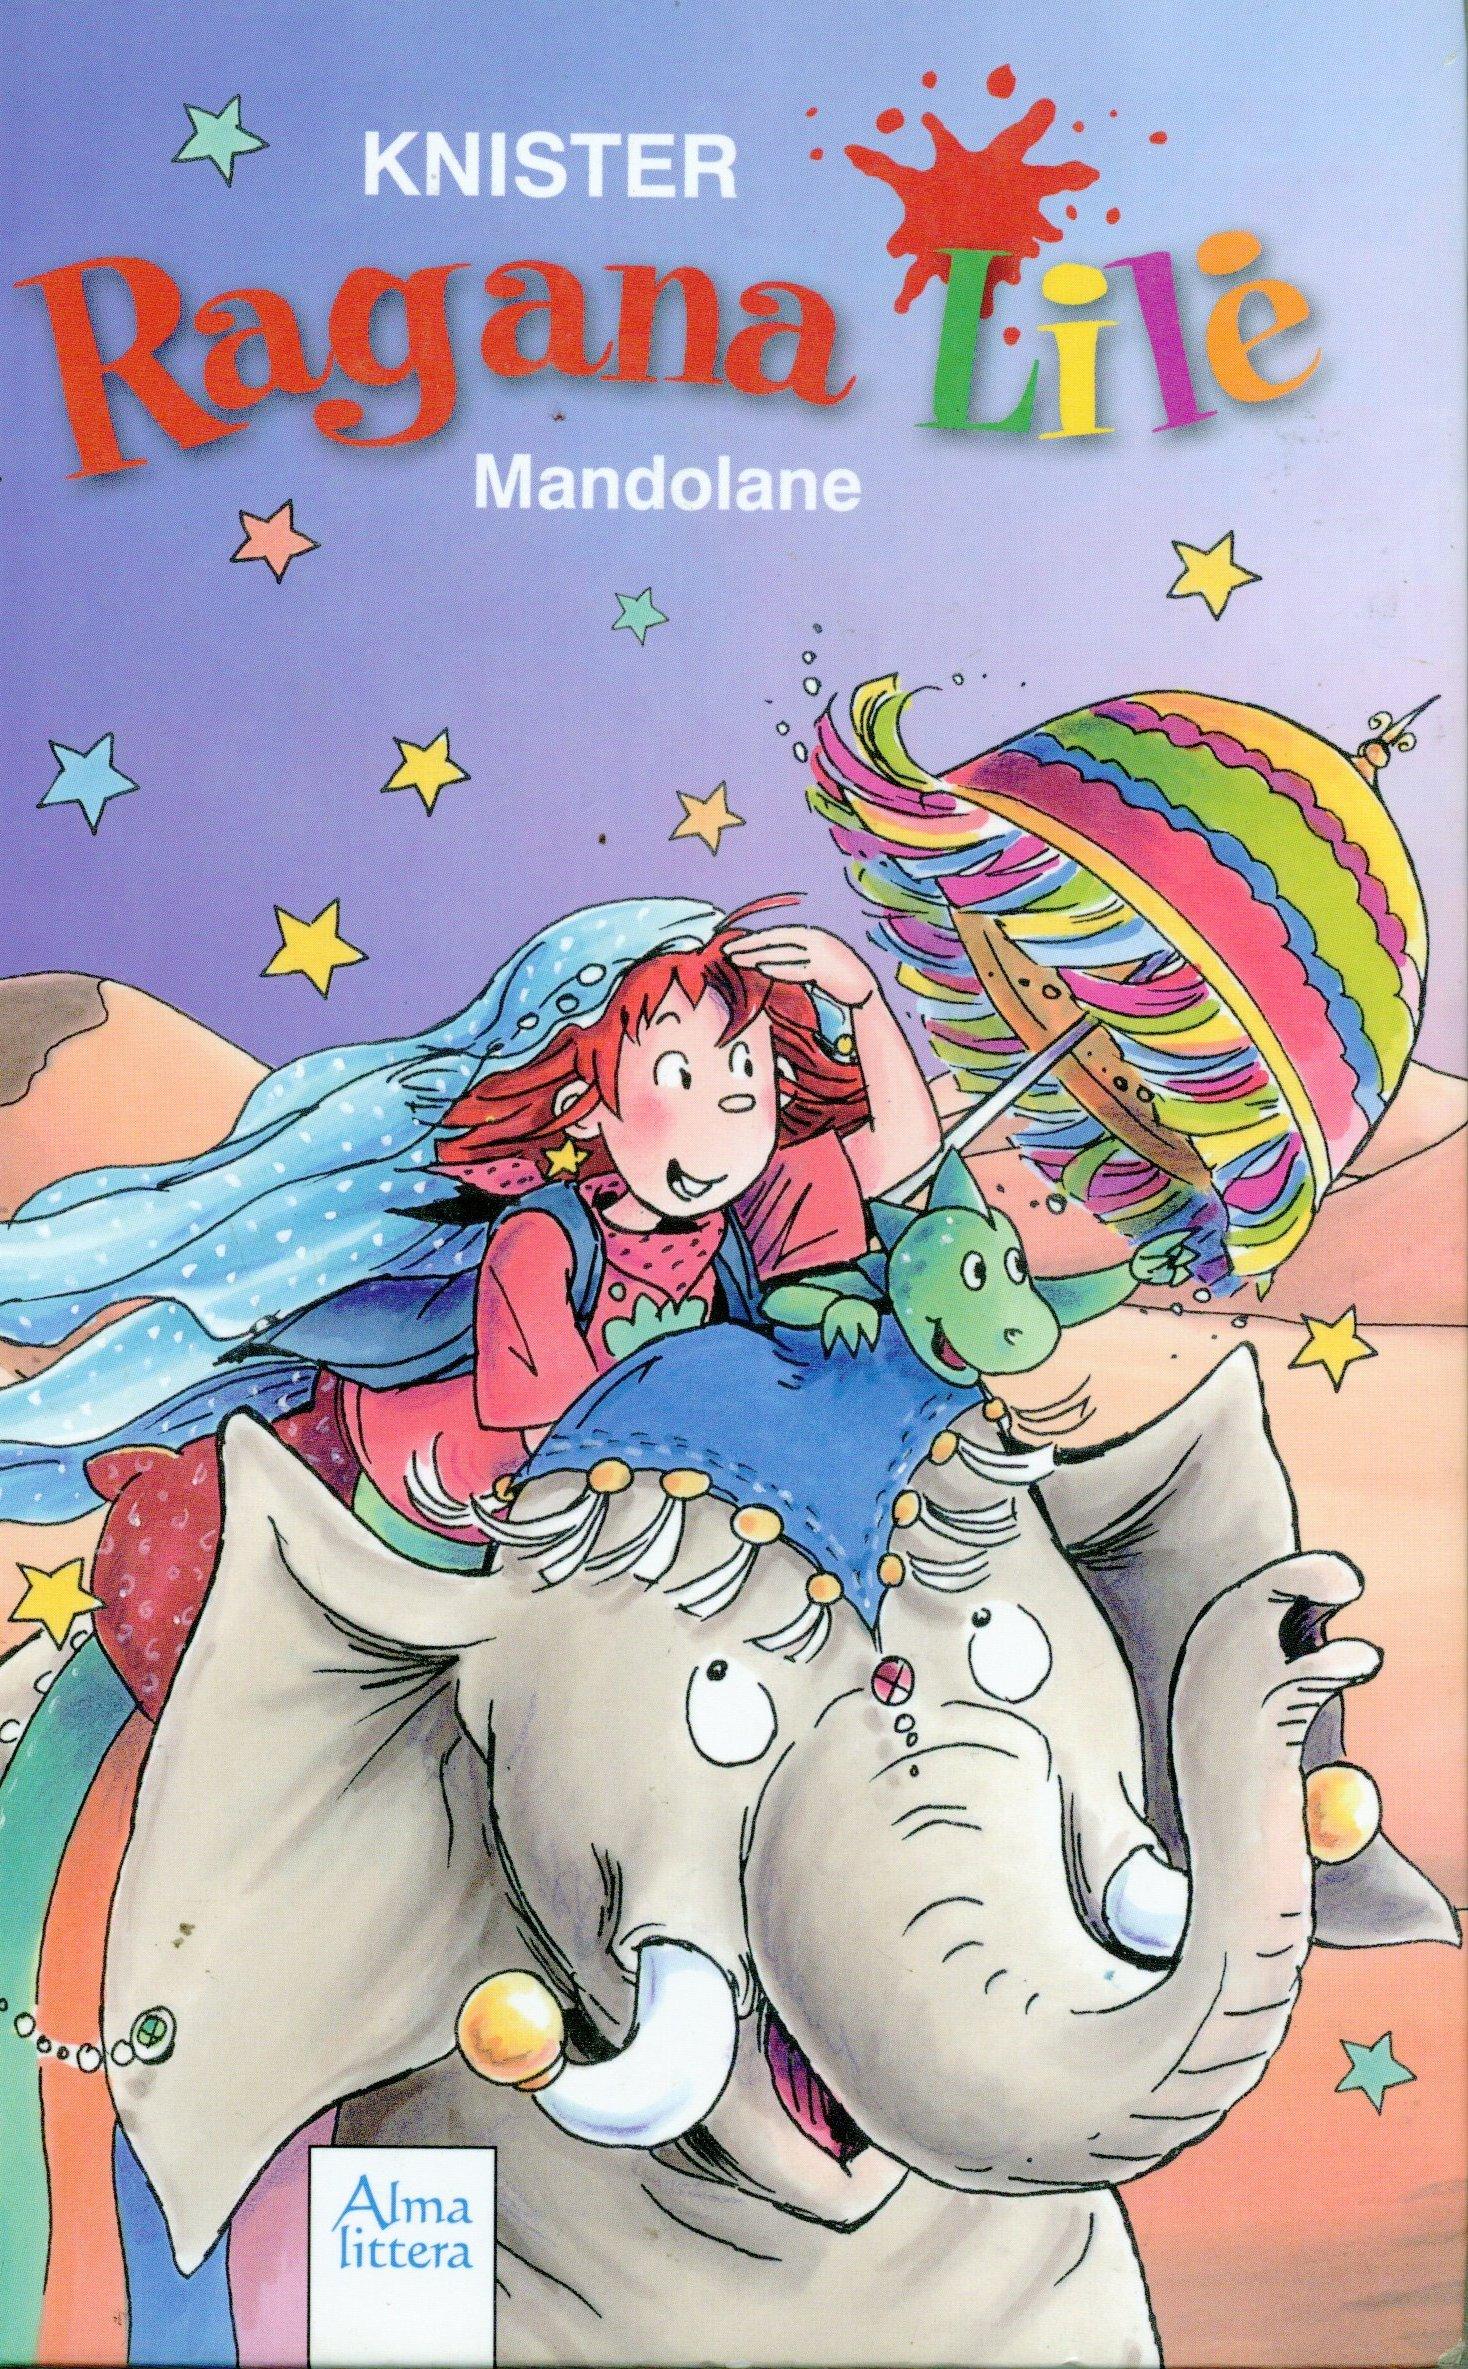 Ragana Lilė Mandolane